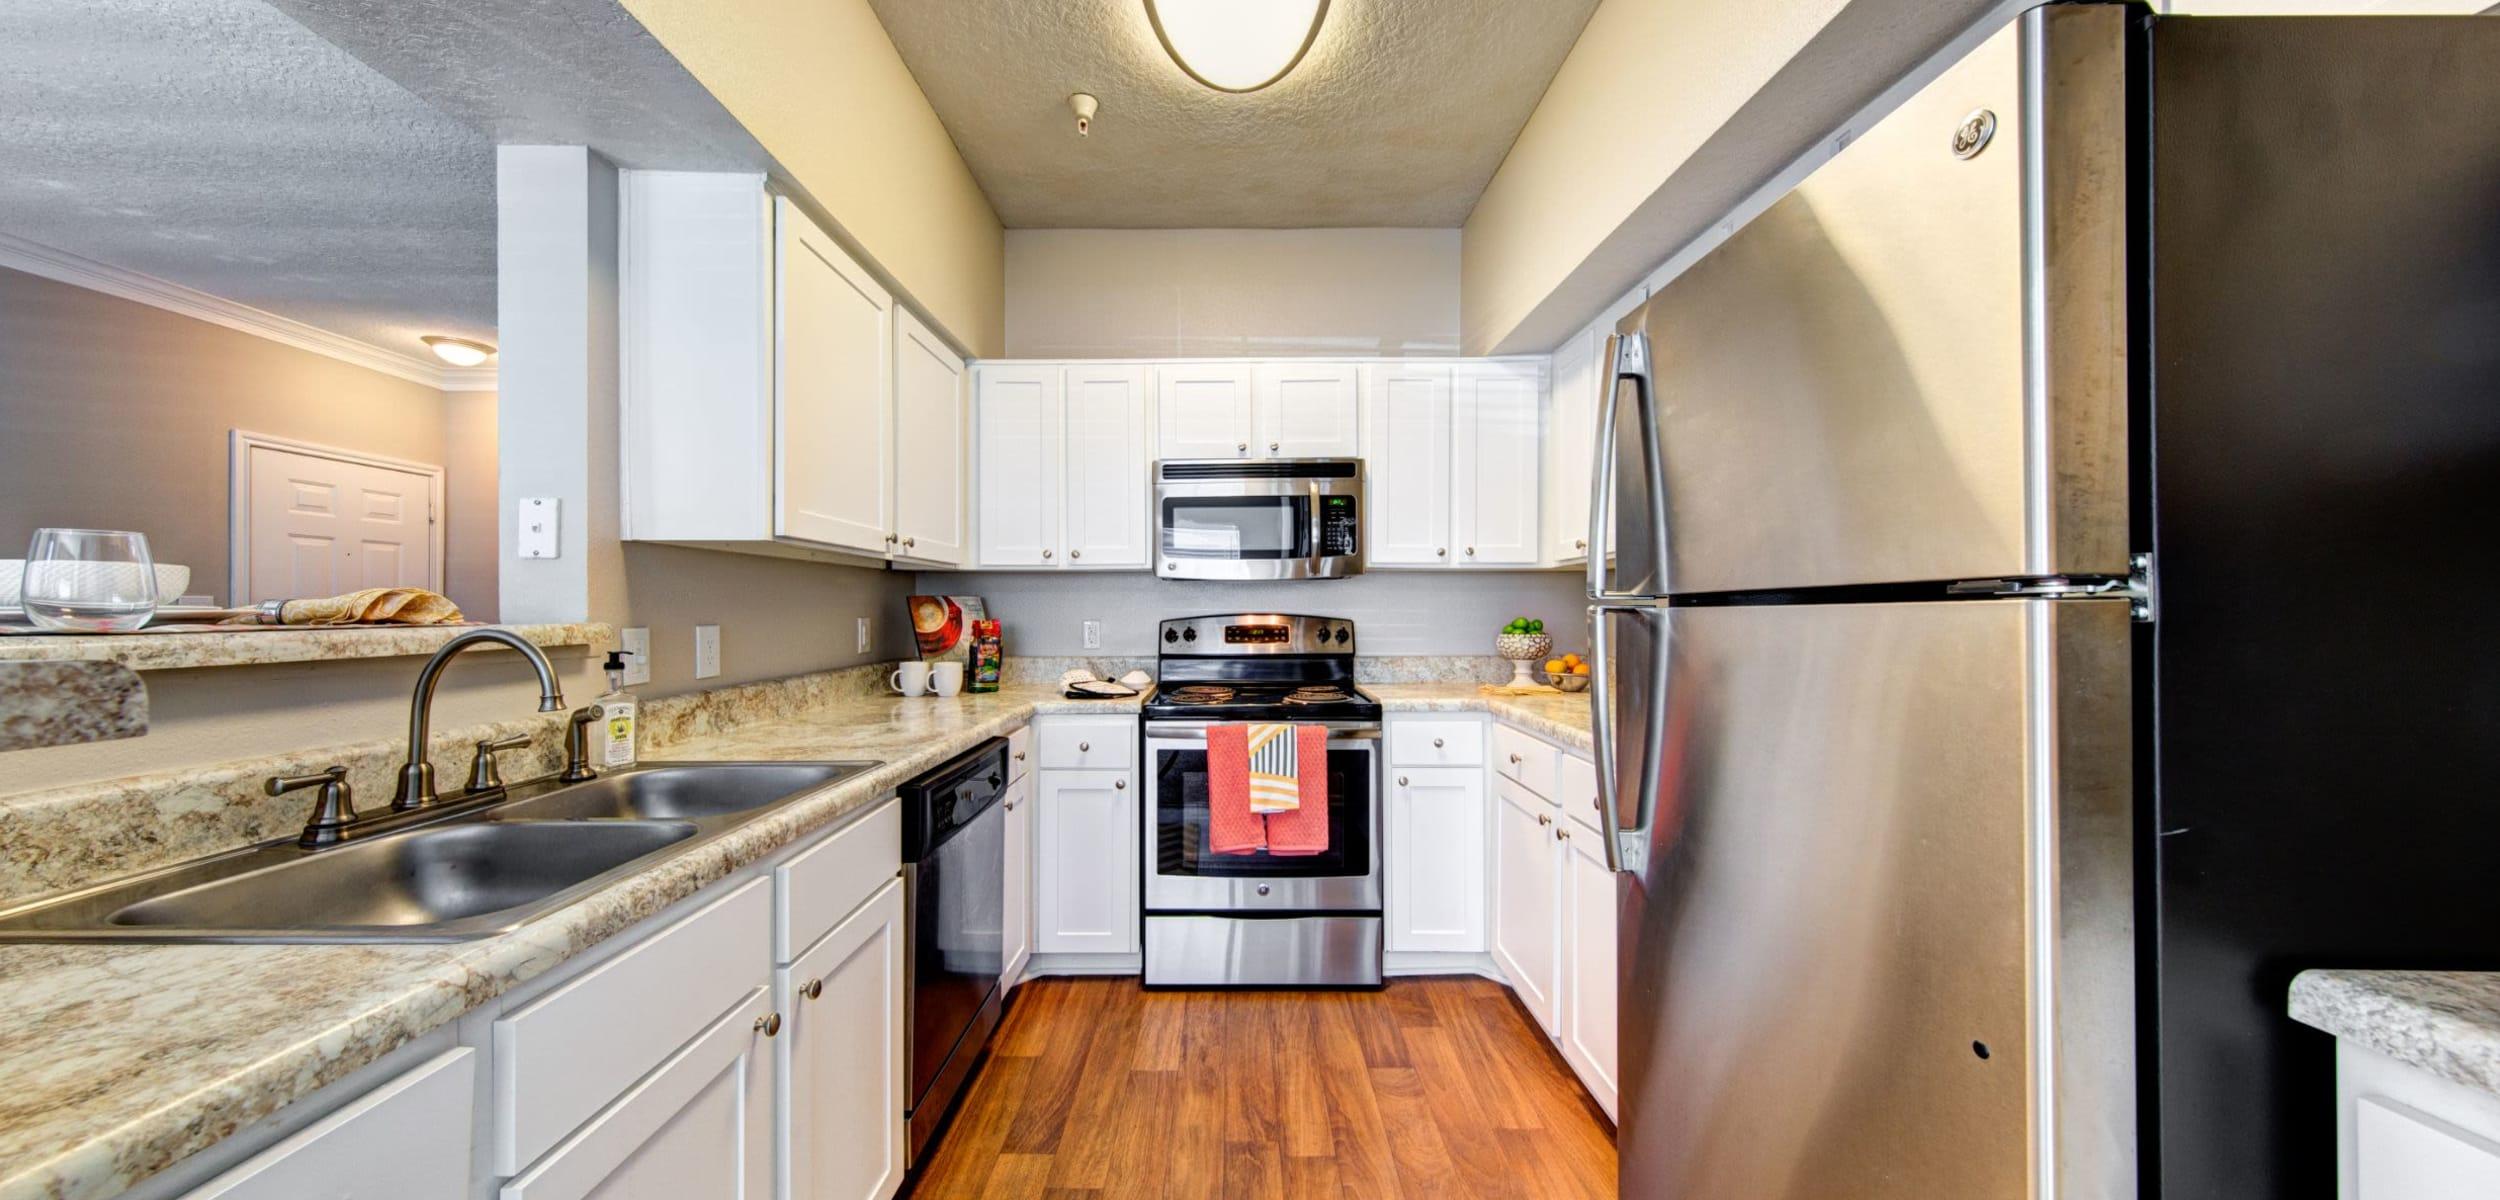 Modern kitchen at Marquis at Silverton in Cary, North Carolina